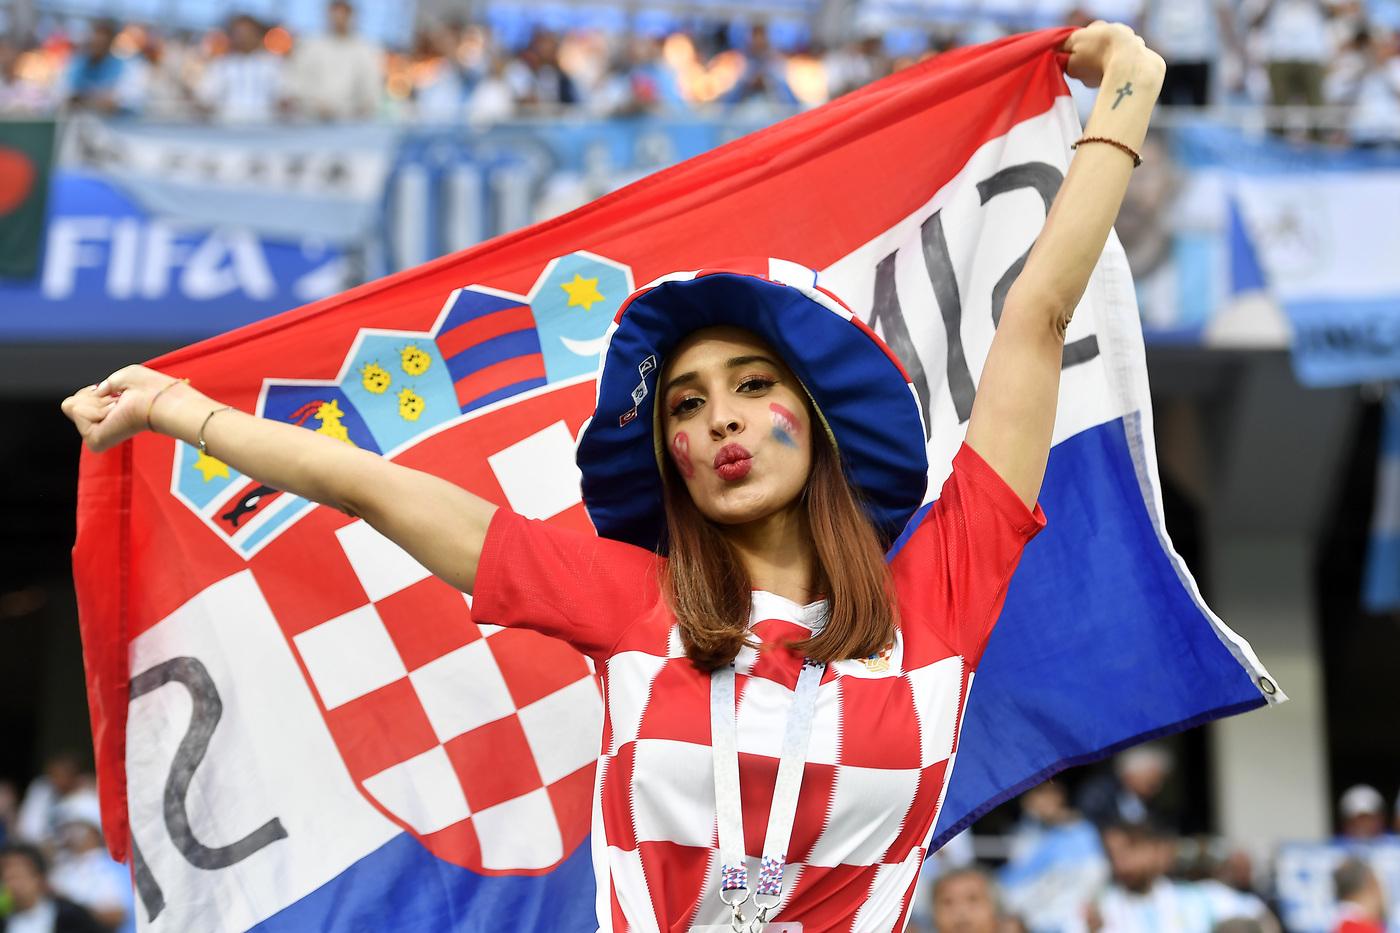 Qualificazioni Europei U19 9 ottobre: i pronostici e le quote